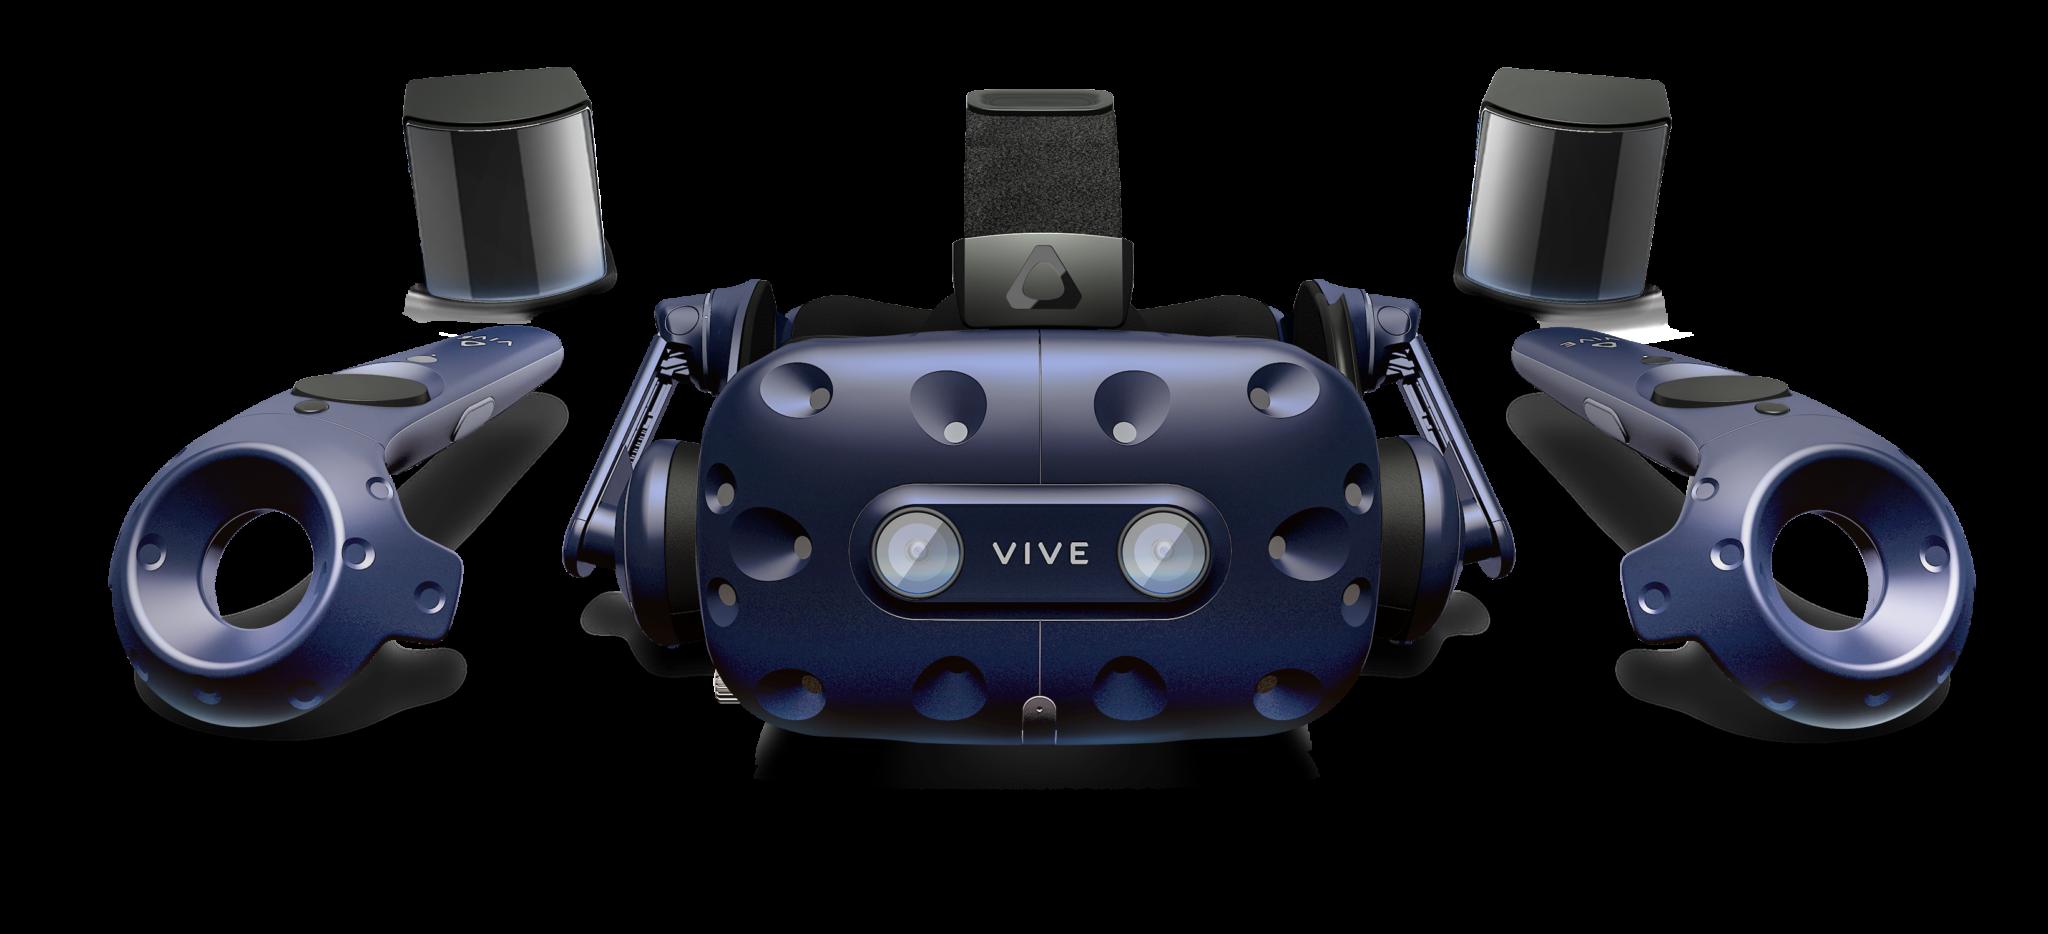 eed2671cf HTC predstavilo profesionálne balenie hernej konzoly Vive Pro | TOUCHIT